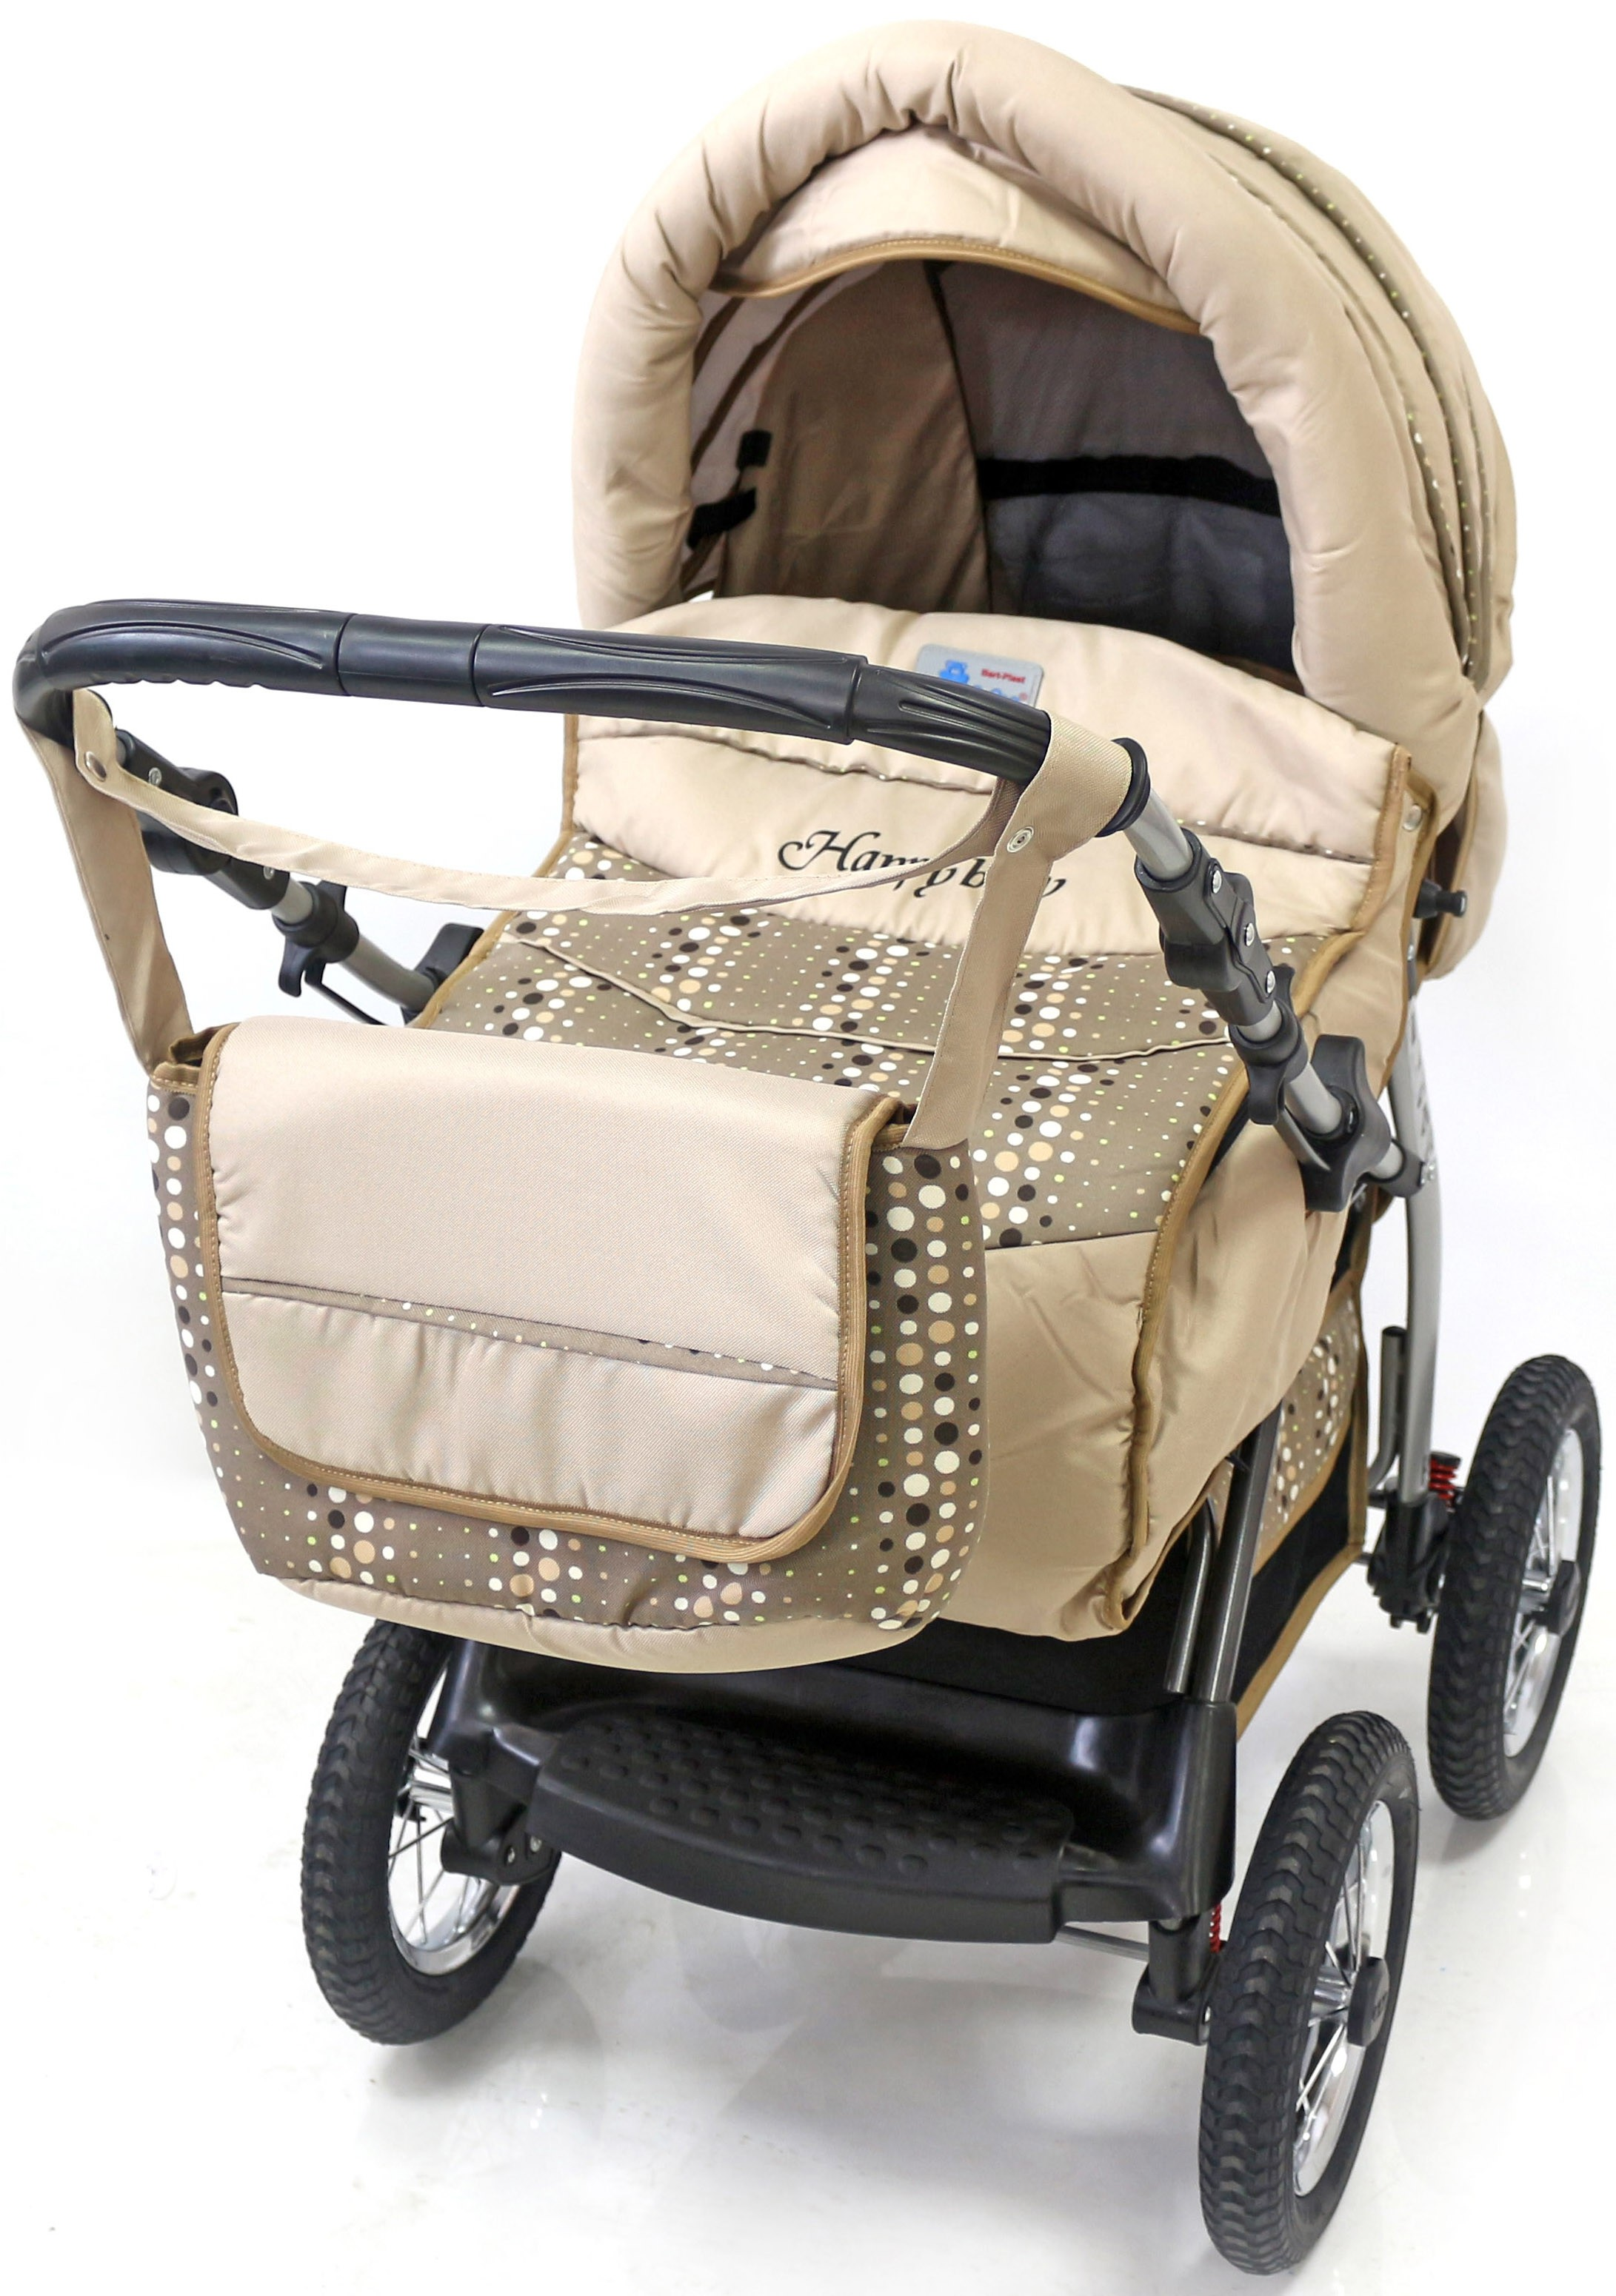 Коляски-трансформеры BartPlast Diana PC коляски трансформеры bart plast victoria pkl надувные колеса